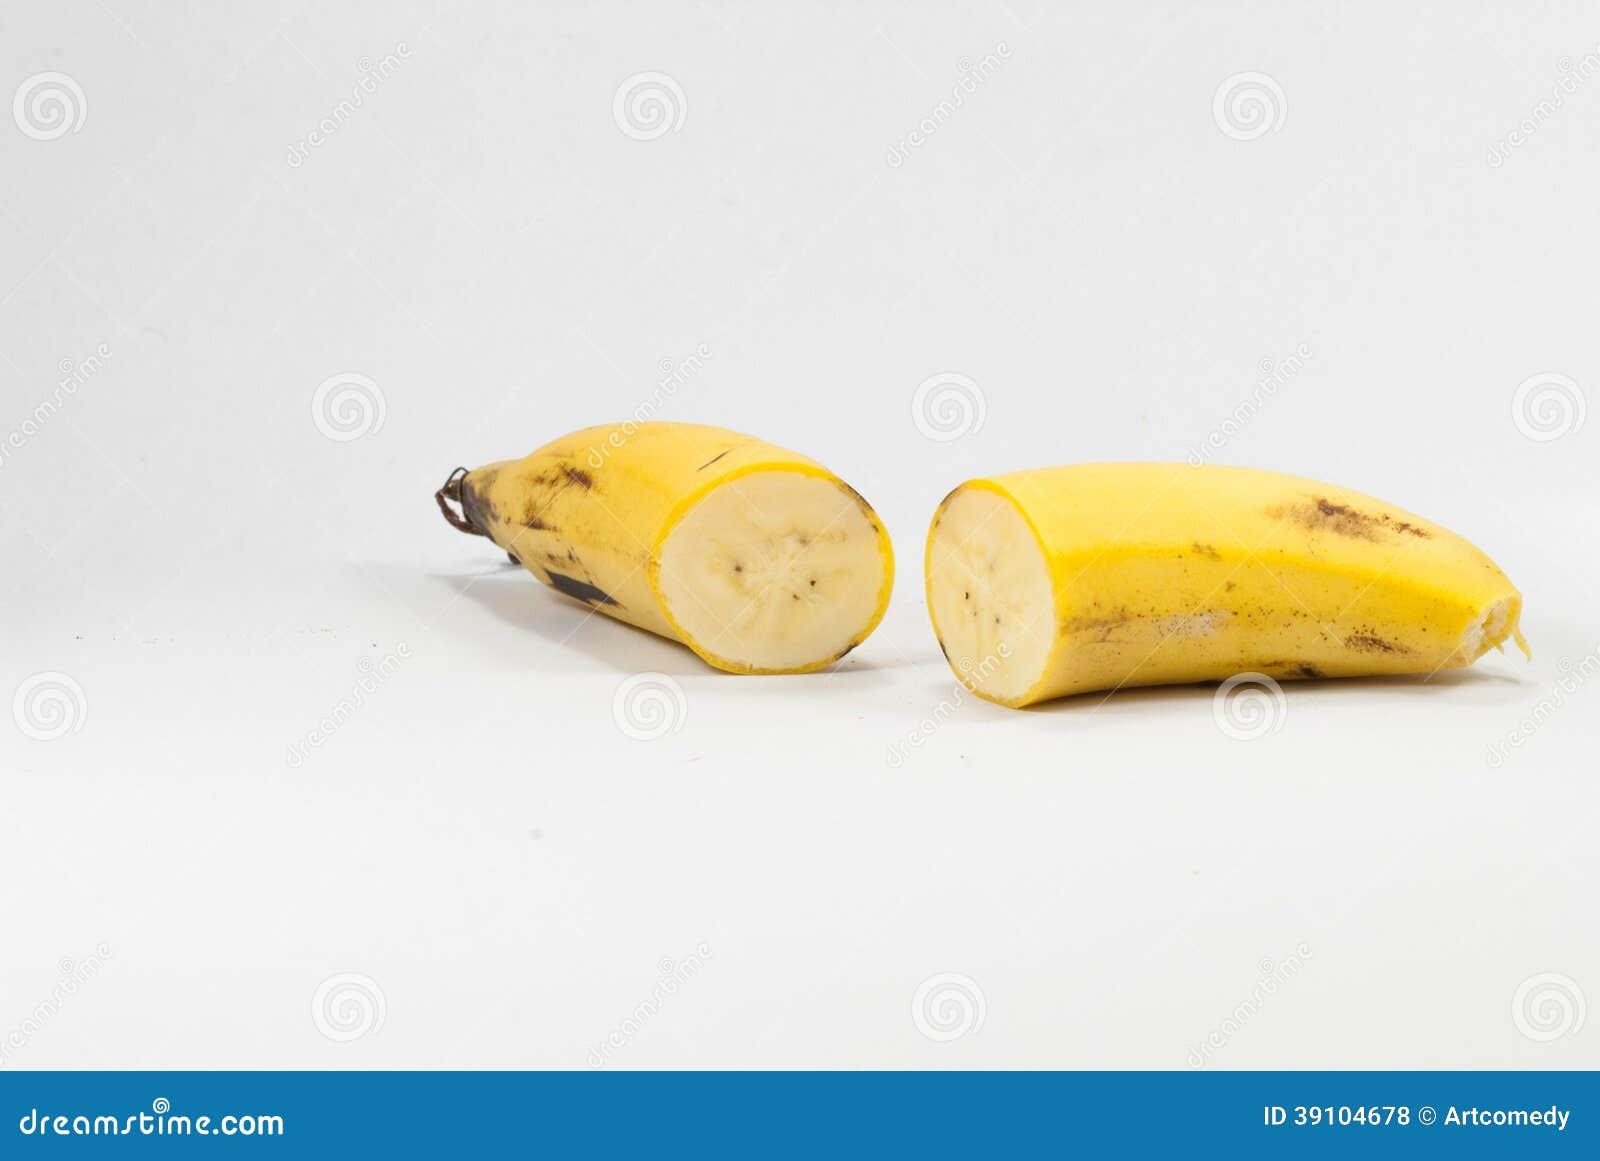 Rijpe banaan op witte achtergrond